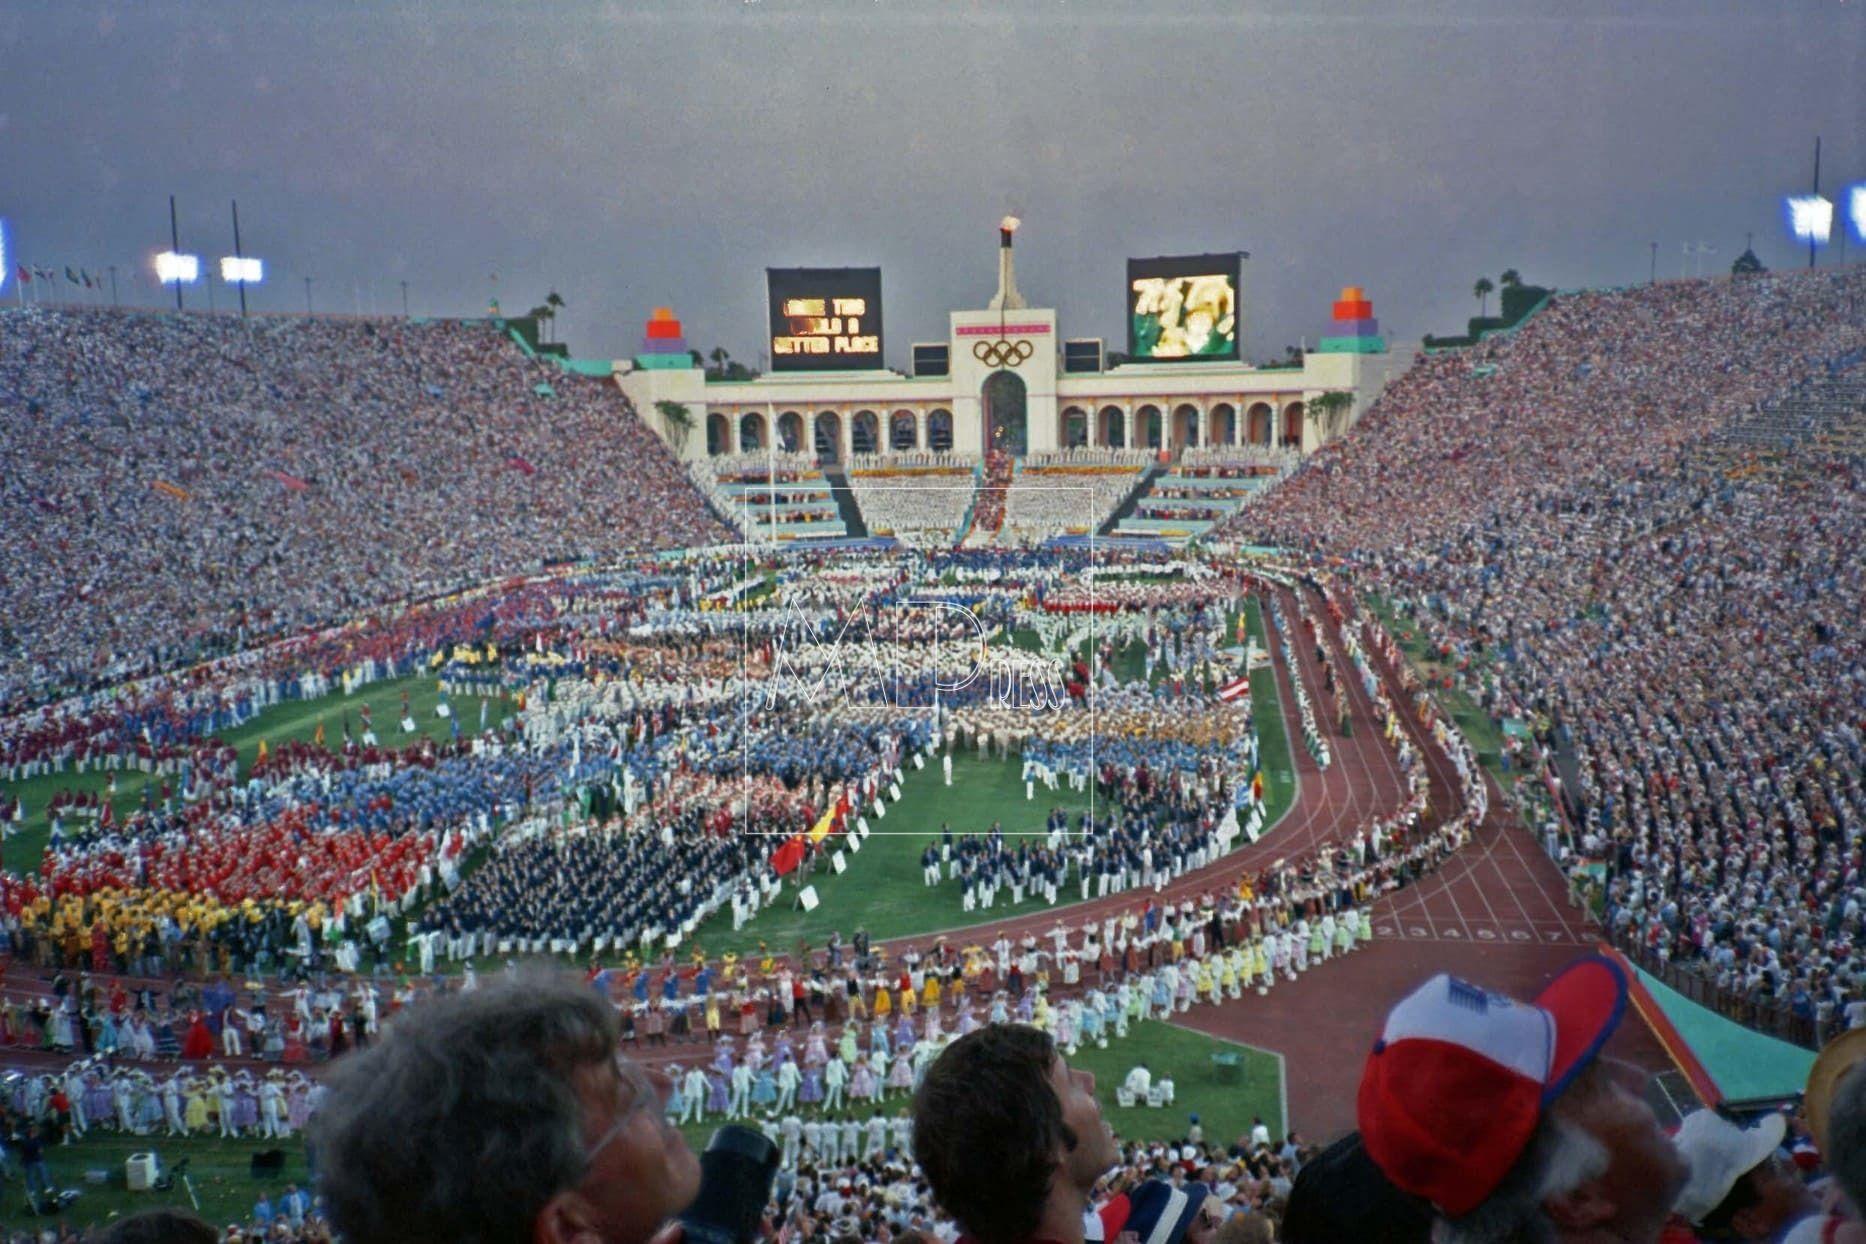 Los Angeles Juegos Olimpicos 1984 .